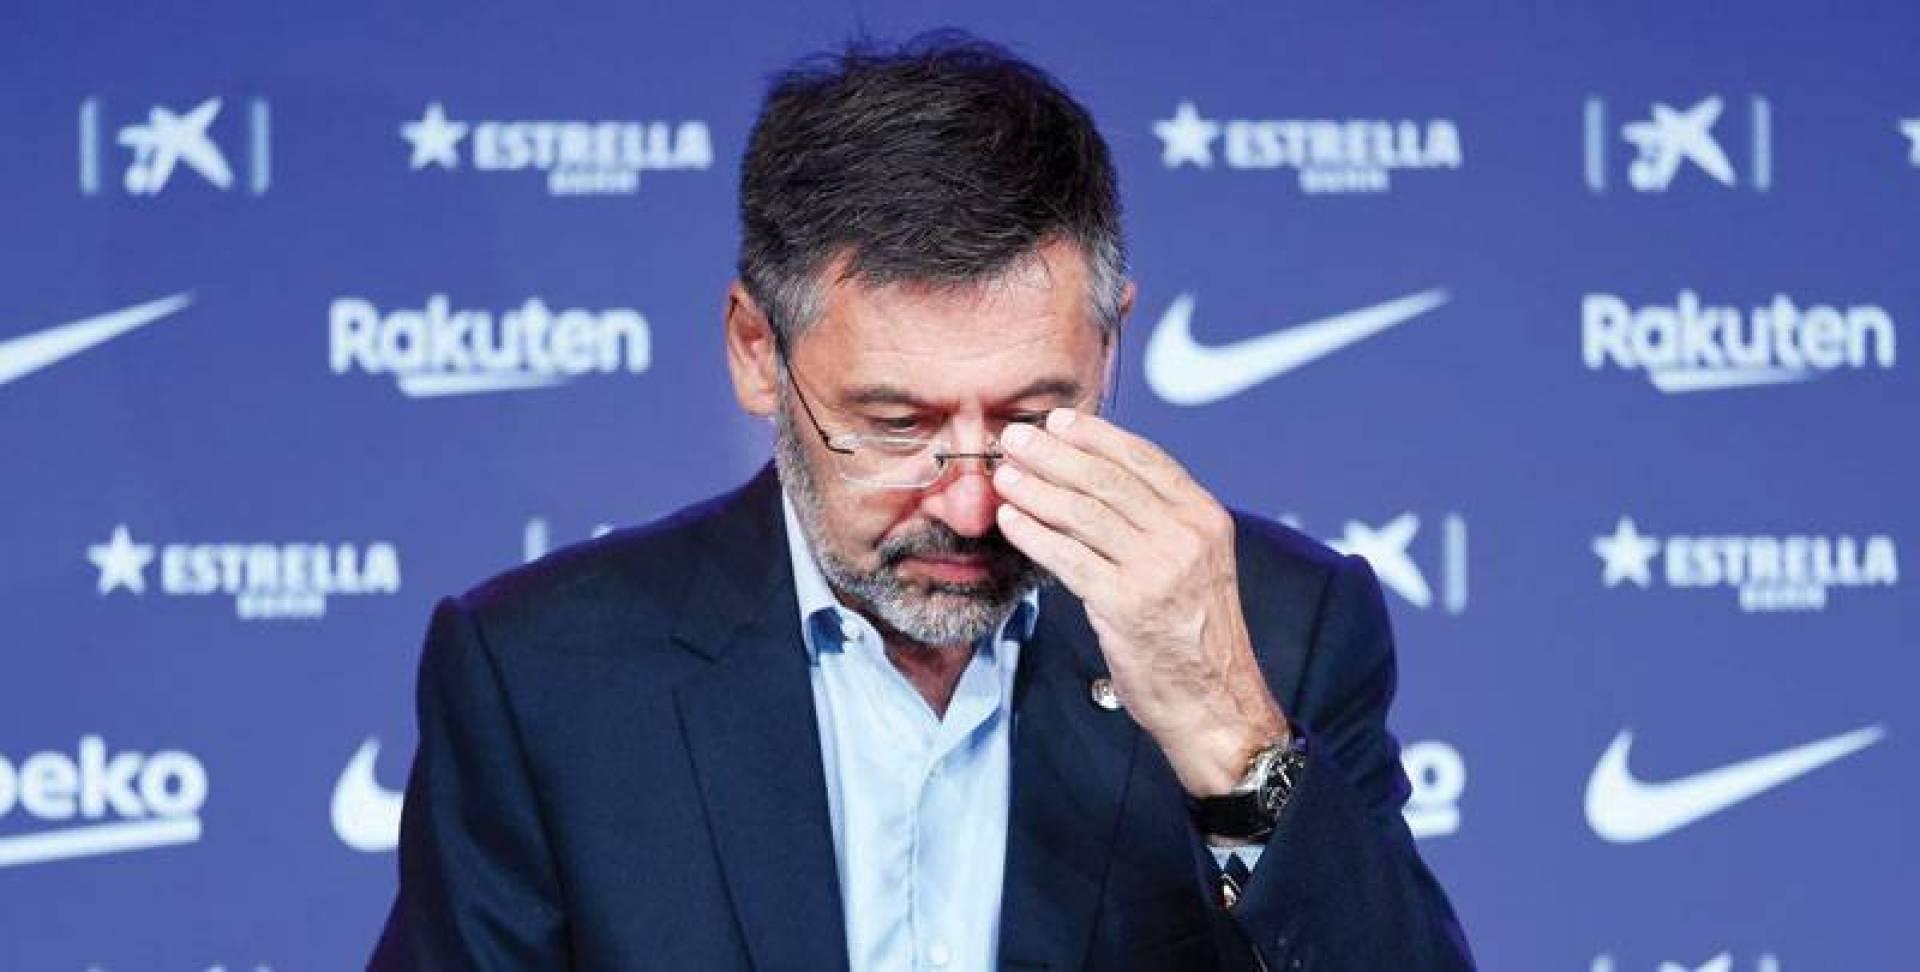 بارتوميو قرر أخيراً الاستقالة